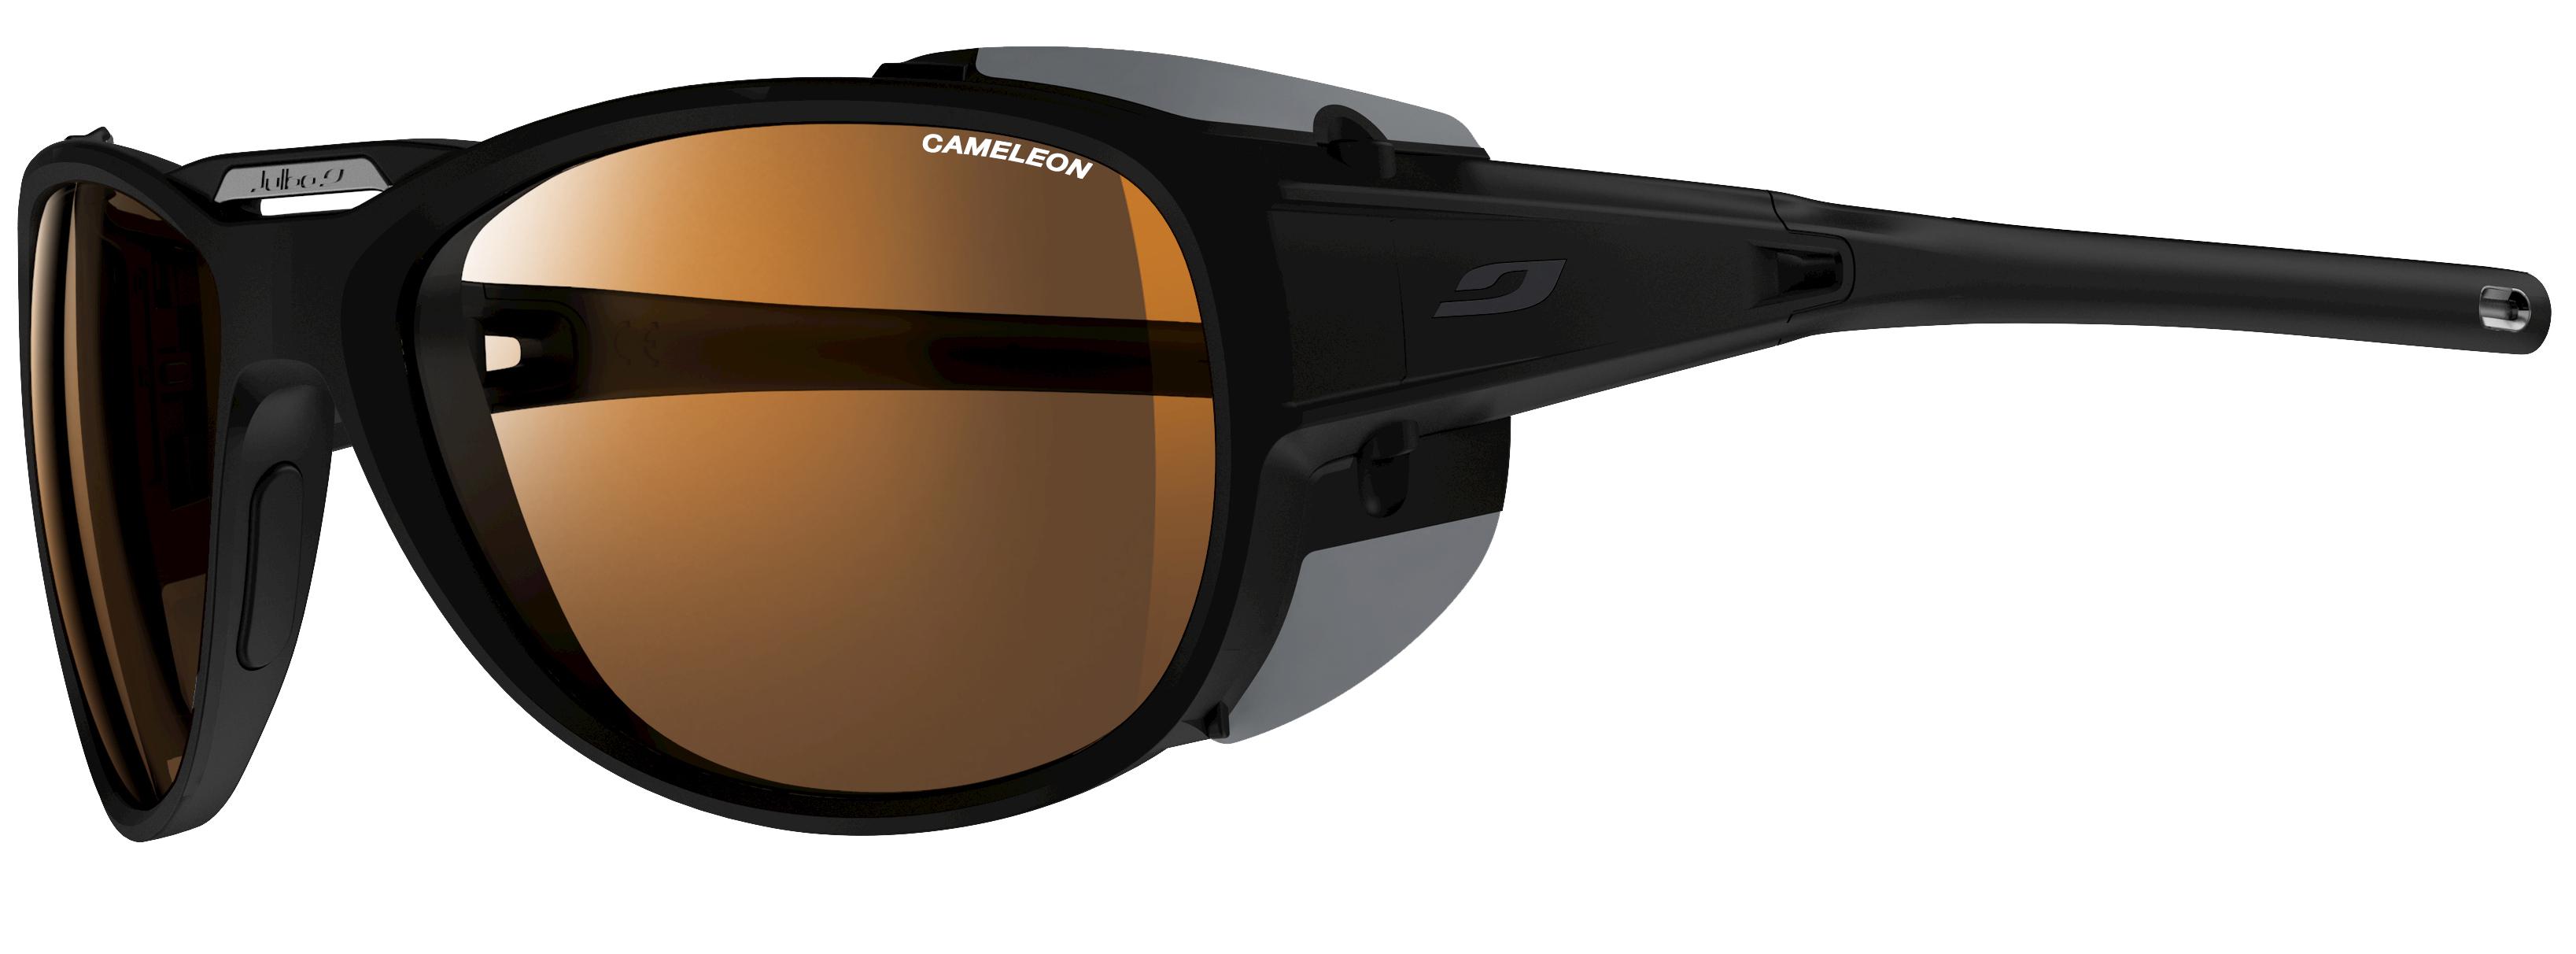 327893d6c8 Julbo Explorer 2 Sunglasses - Unisex